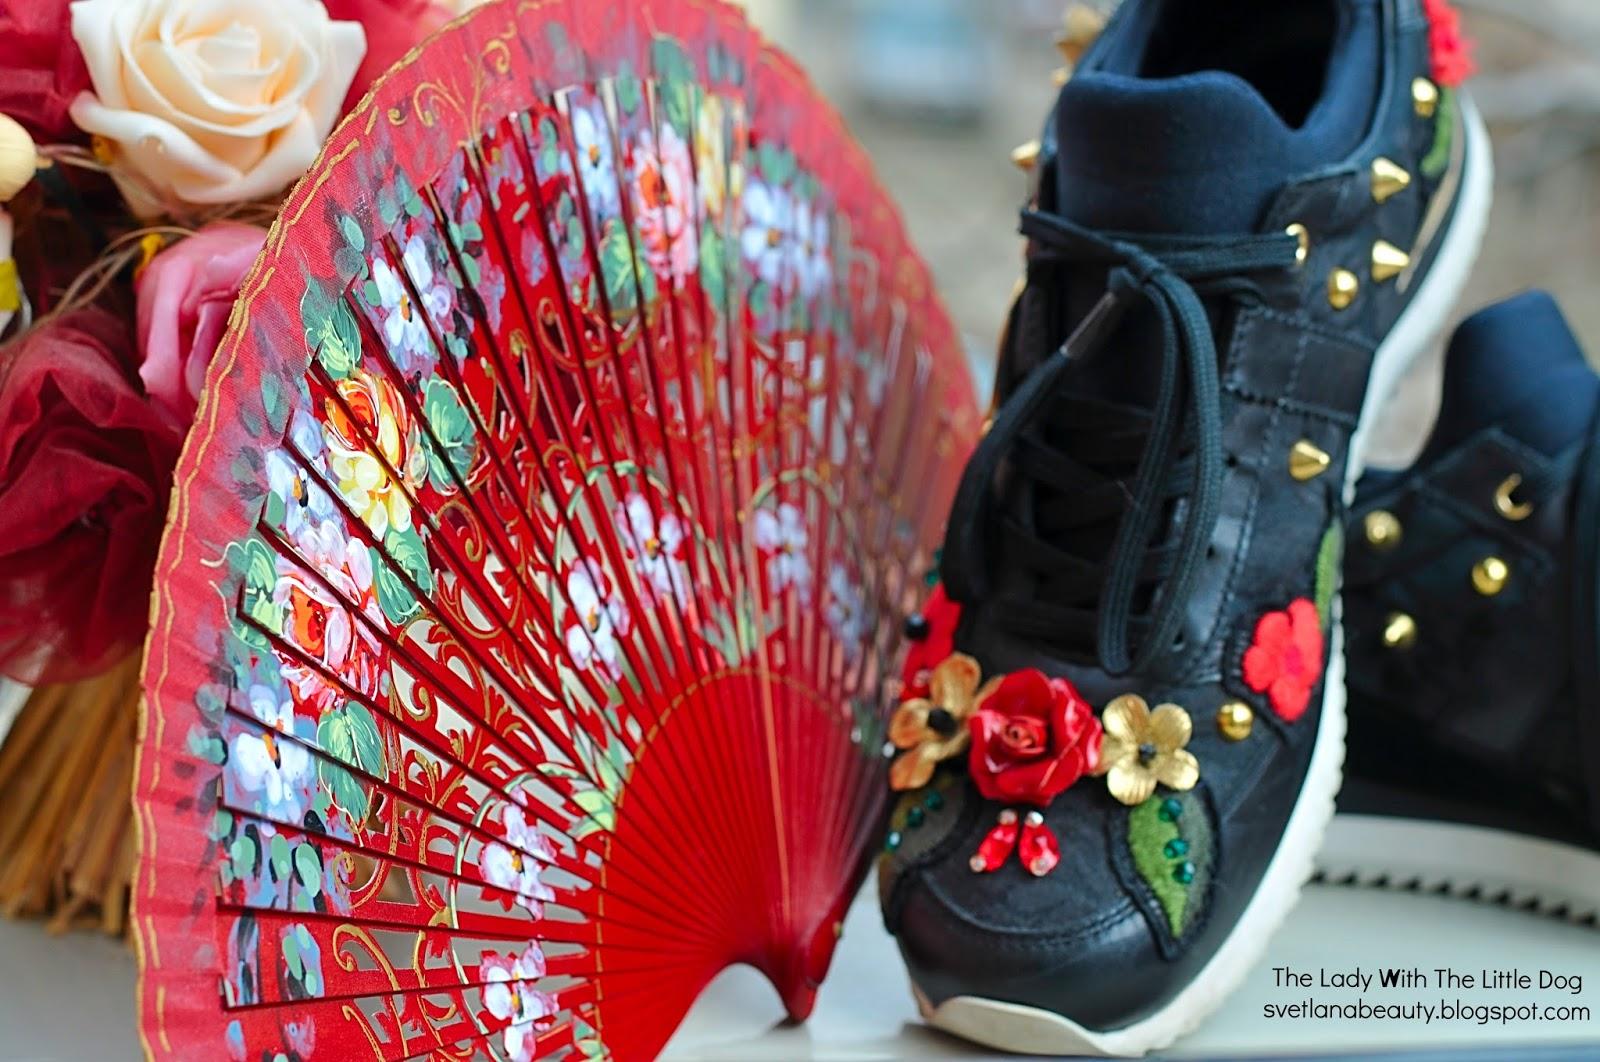 5188ac32d31 ми трябваха наистина удобни обувки. Предвиждах много натоварена програма -  Маракеш, Барселона, Рим, Малага, Мадейра, Санта Круз, Пуерто де ла Круз,  Генуа, ...